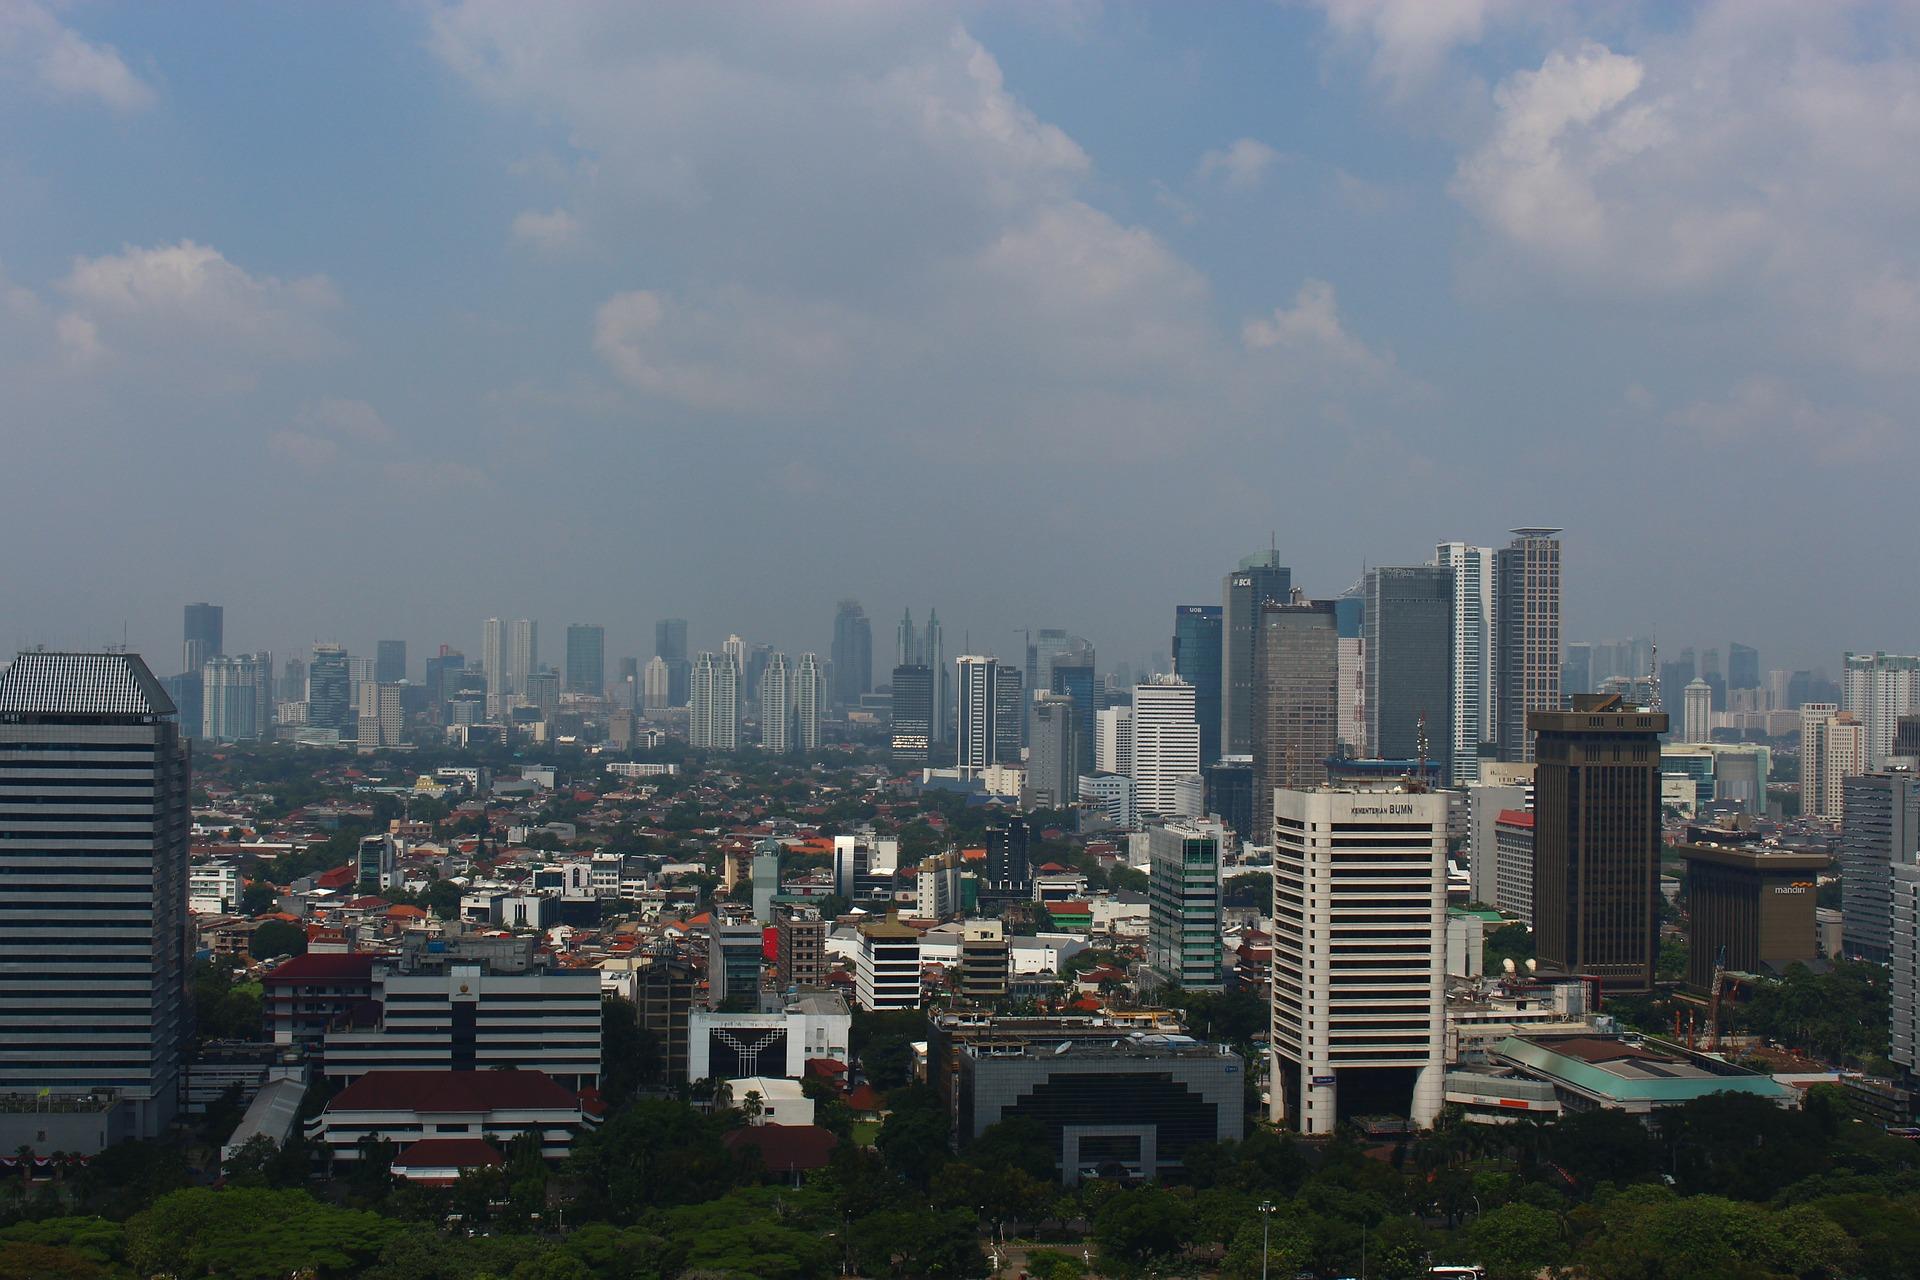 Weihnachtsfeier Im Januar.Umstrittene Weihnachtsfeier In Indonesien Verschoben Donnerstag 04